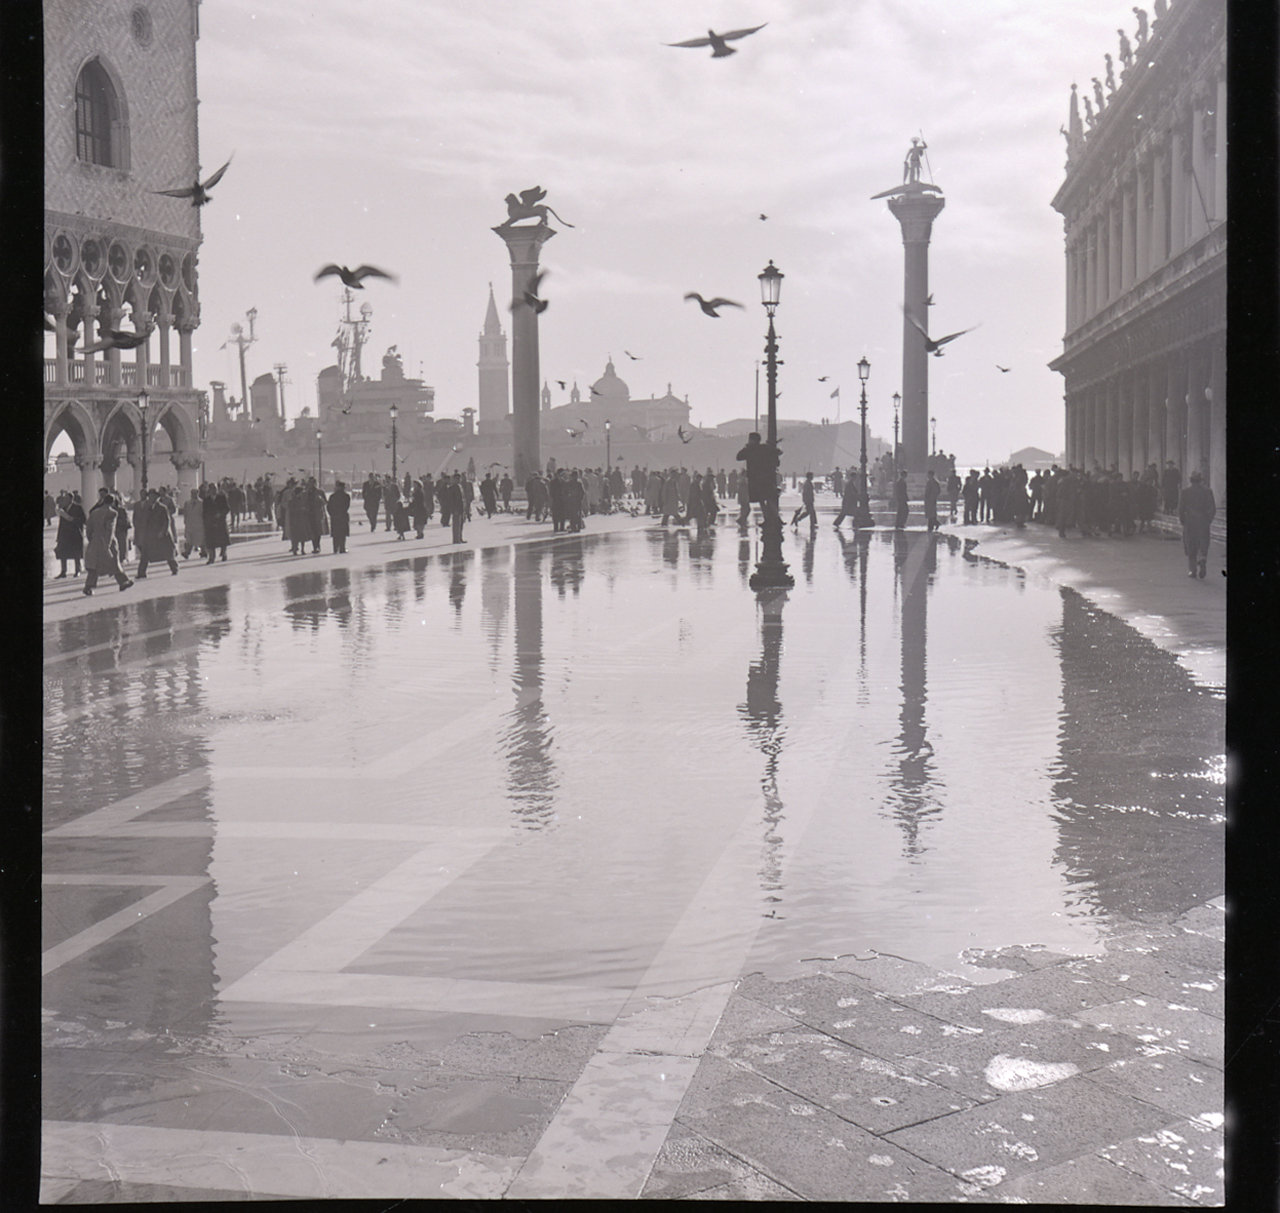 Venezia, 1950-1960, Paolo Monti, Fondazione Biblioteca Europea di Informazione e Cultura (BEIC), CC BY-SA